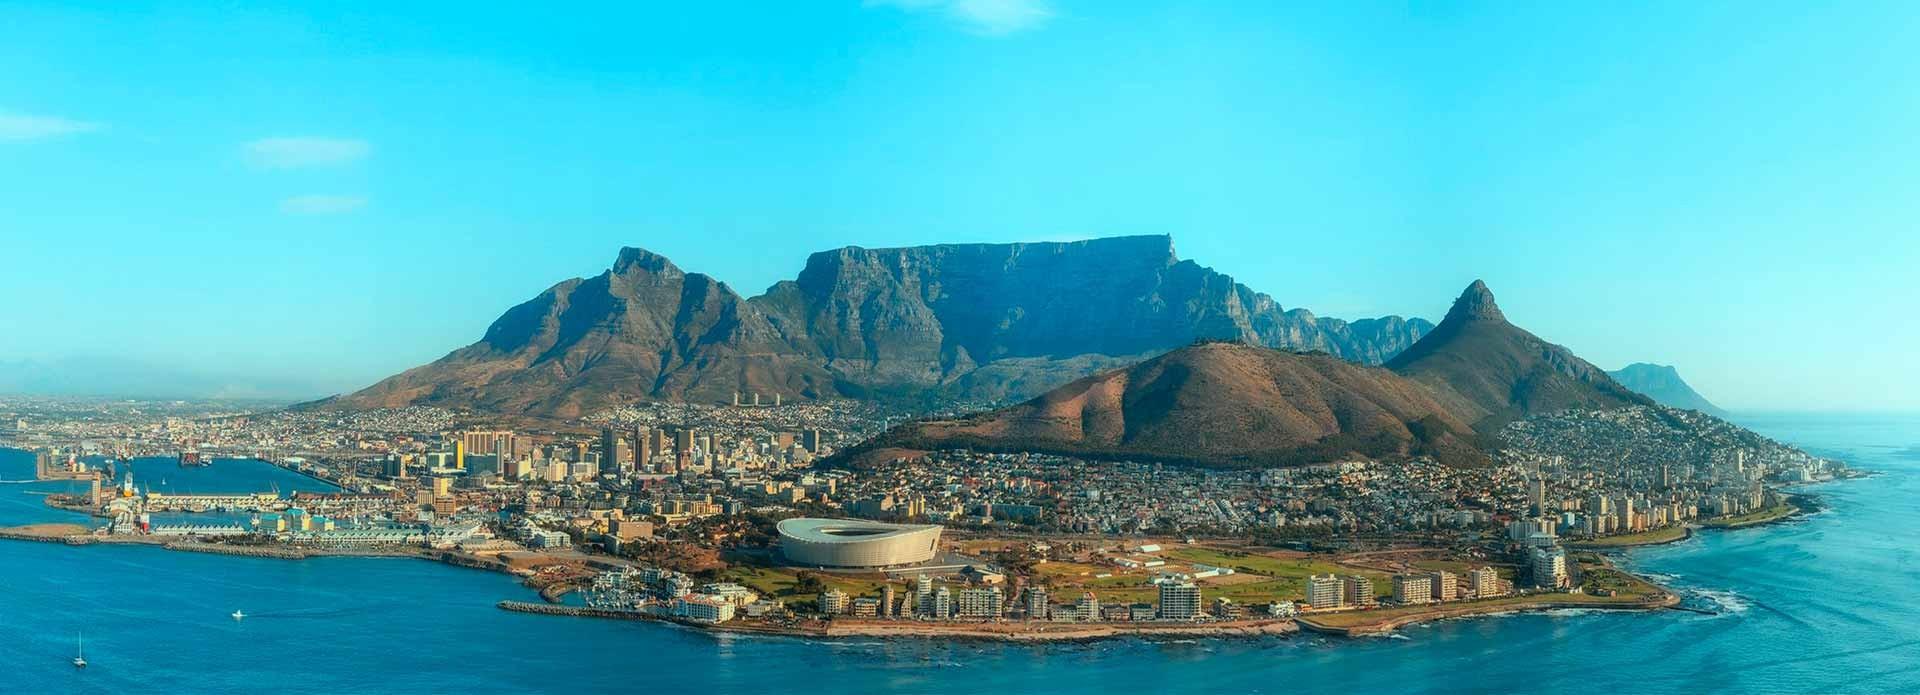 pacotes-de-viagem-para-africa-do-sul-cape-town-sun-city-joanesburgo